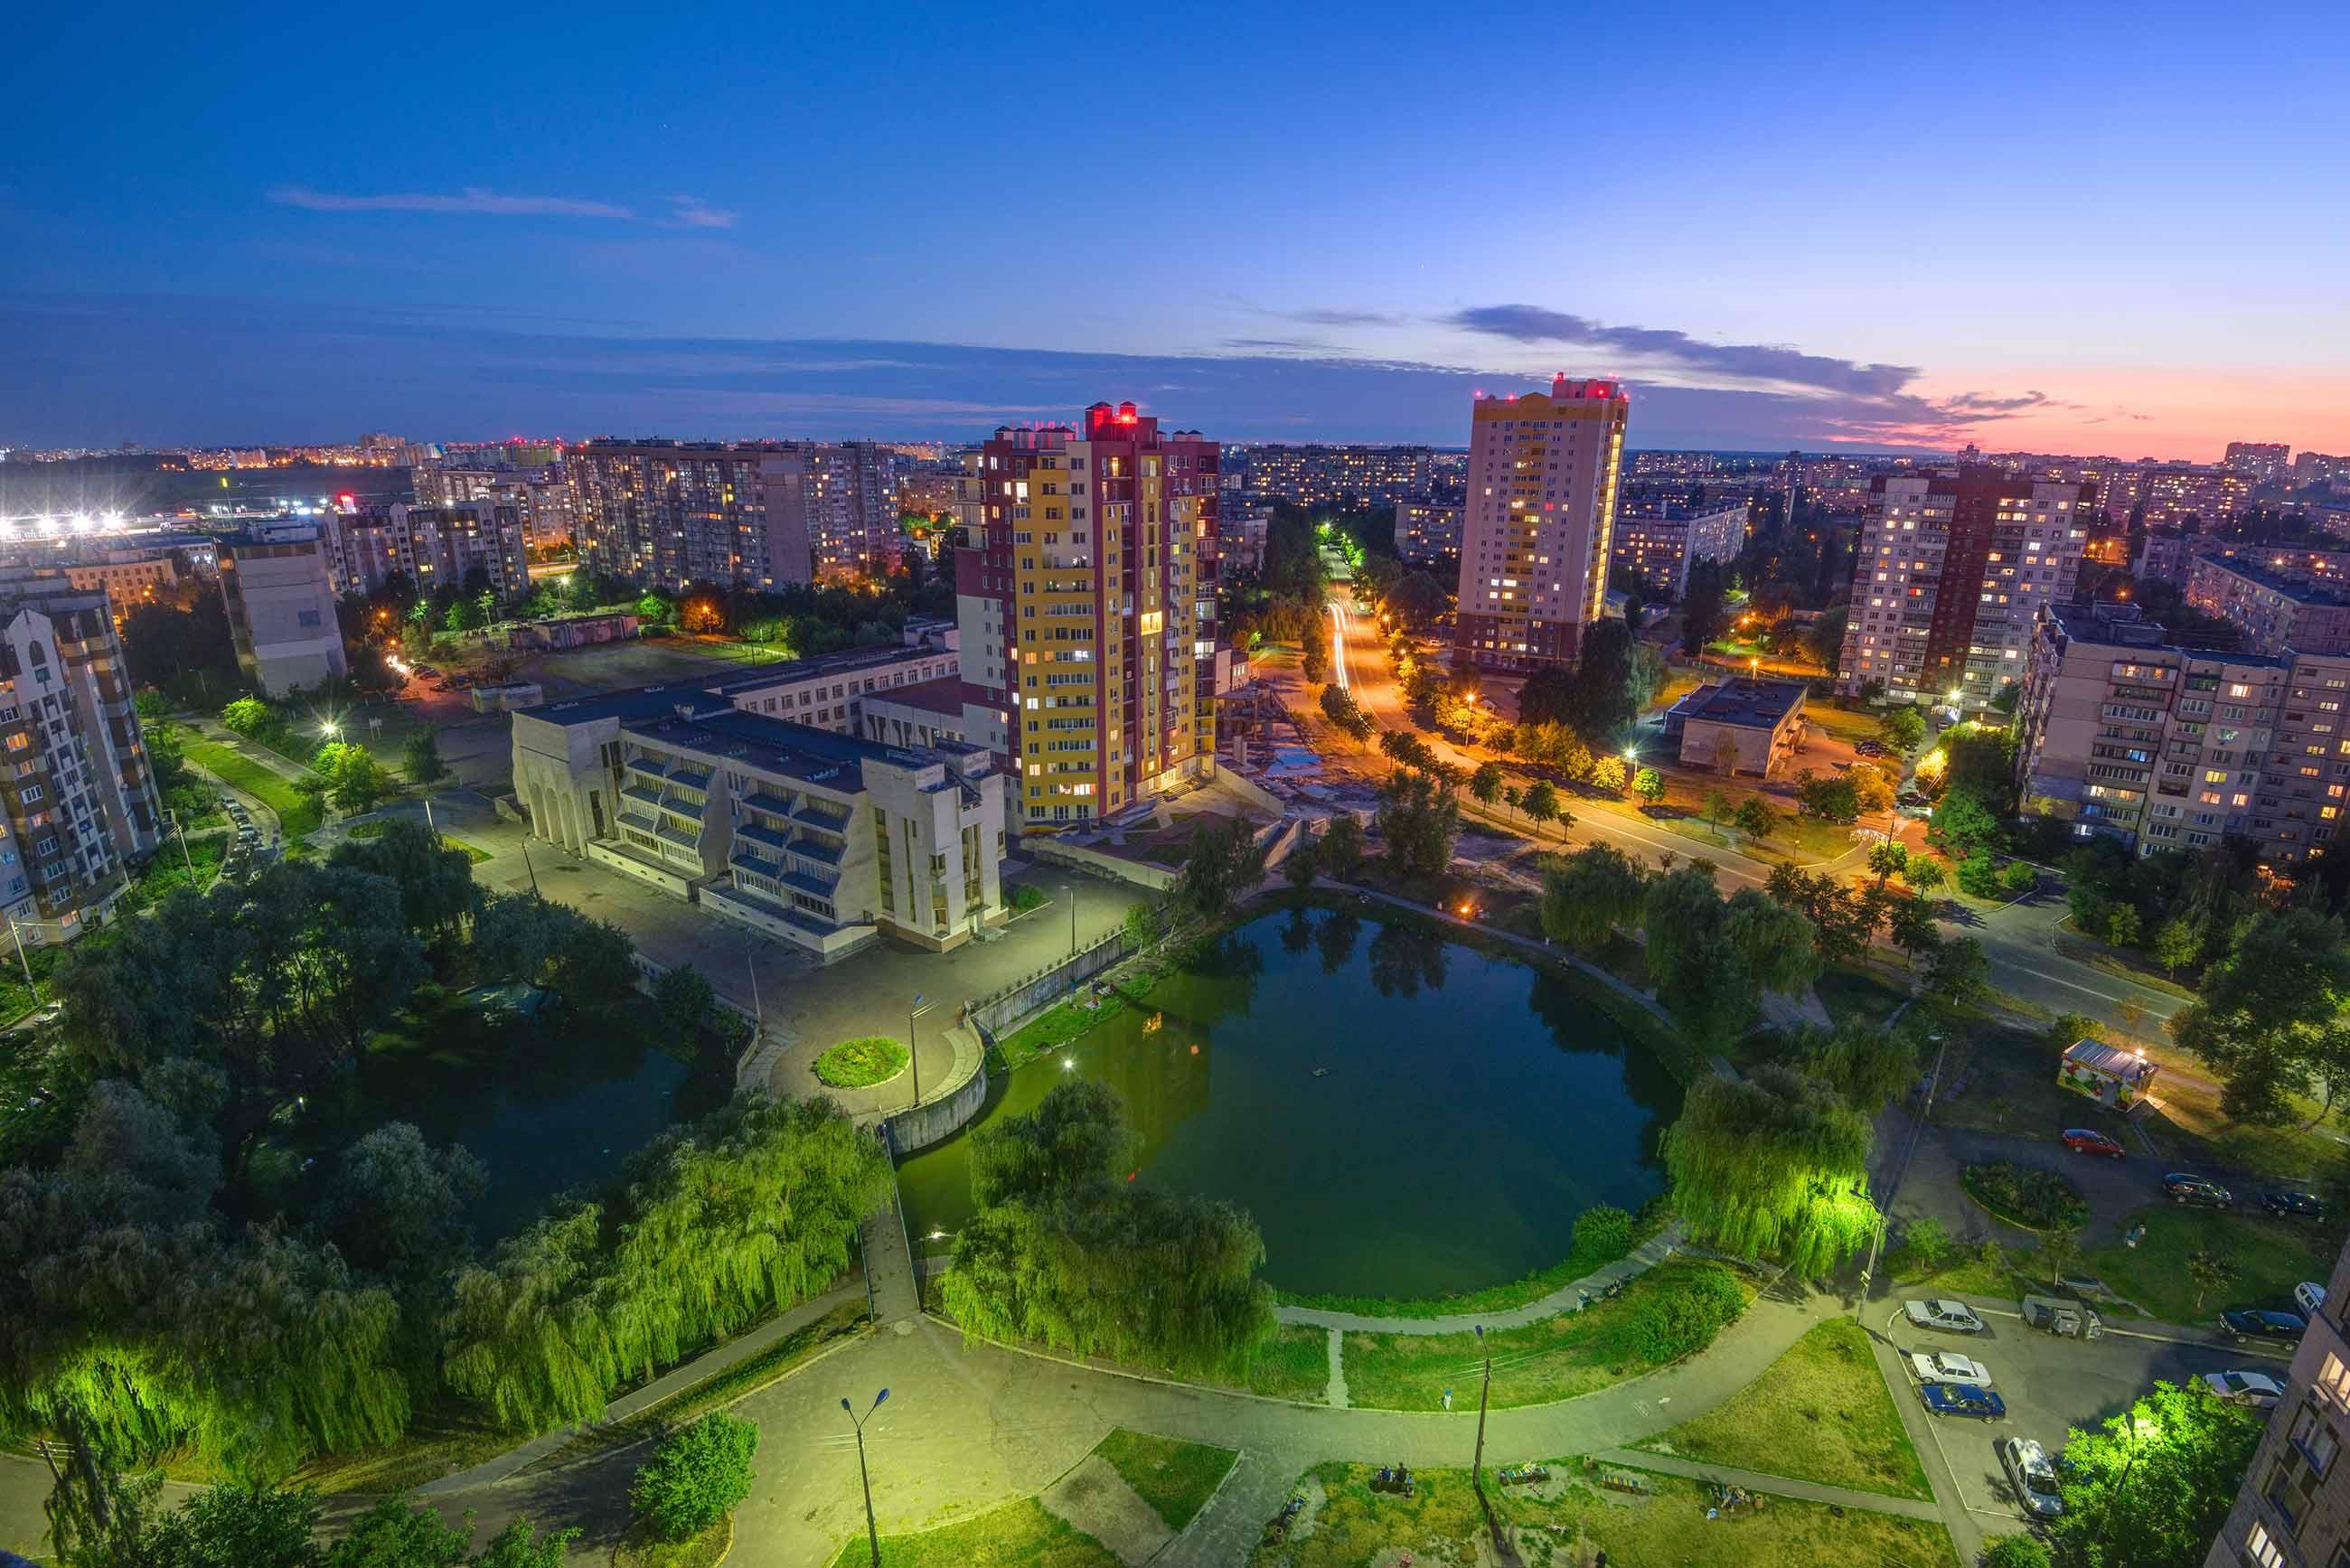 uj borsh - <b>Заради масового житла в Києві знищили десятки поселень.</b> Розповідаємо, як це було - Заборона